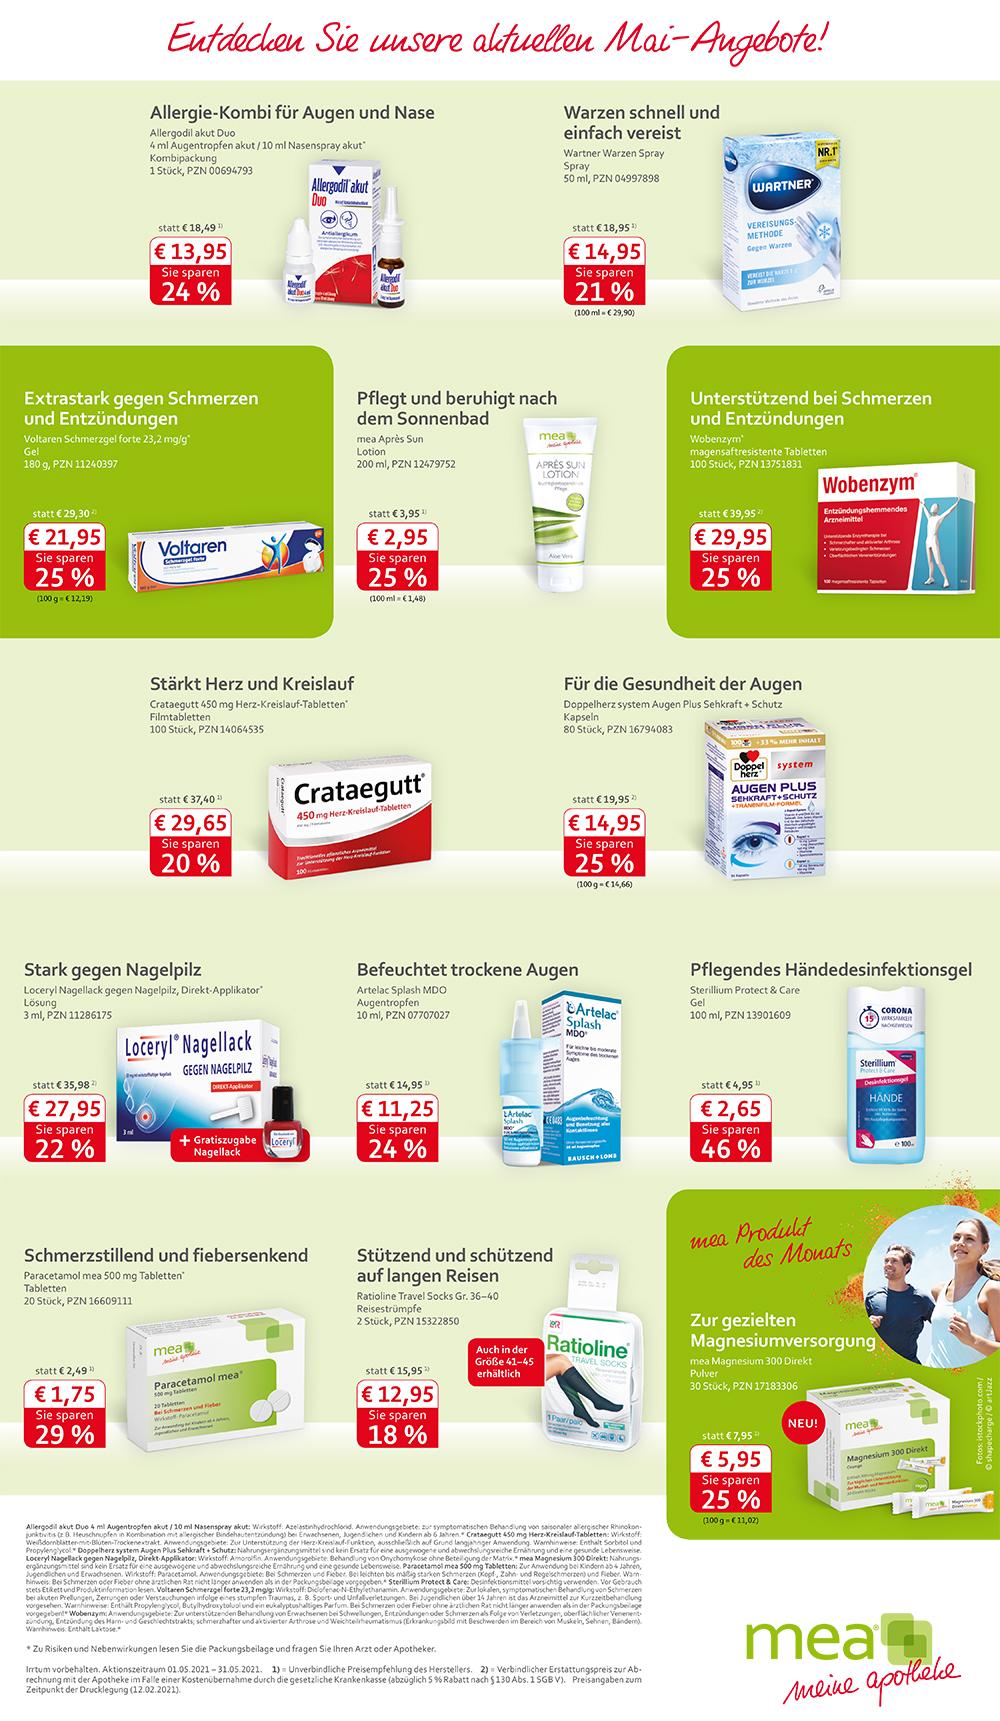 http://www.apotheken.de/fileadmin/clubarea/00000-meineapotheke/meine_apotheke_angebot_1_gross.jpg